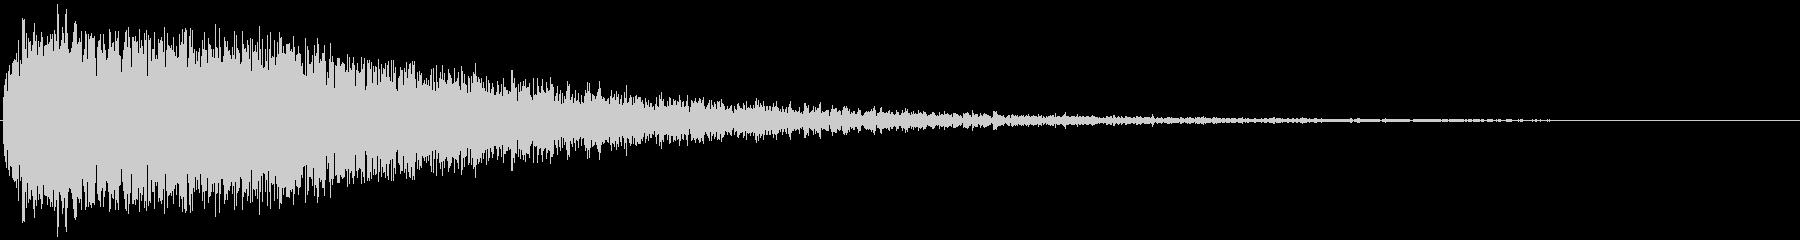 大残響メタリックスラムインパクト3の未再生の波形